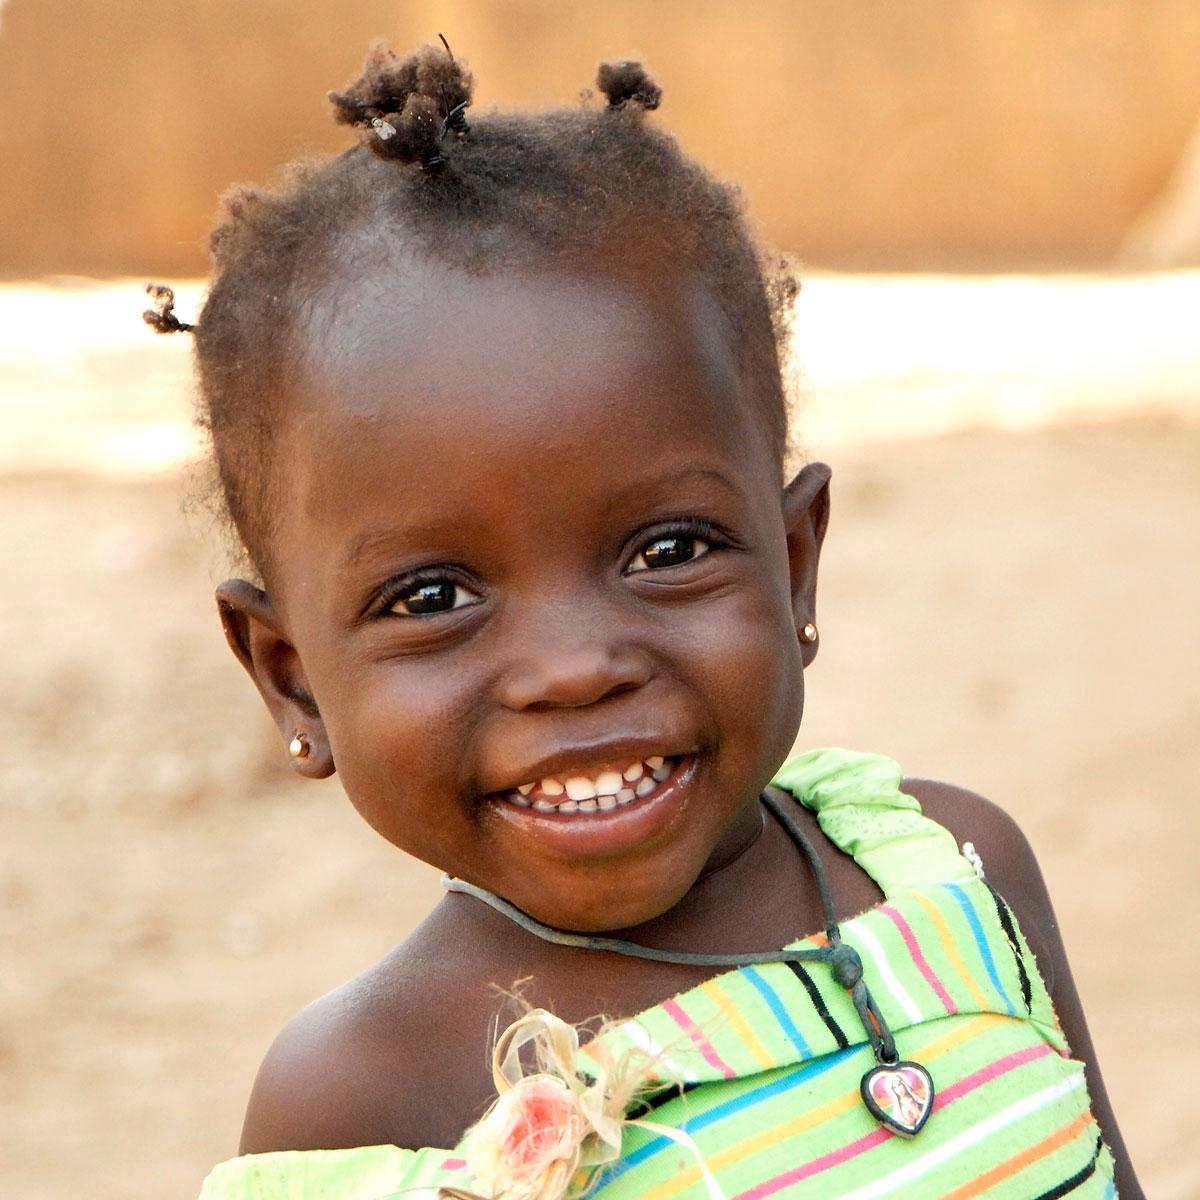 La Comunità di Sant'Egidio dal settembre del 1998 ha avviato un programma di adozione a distanza in numerosi paesi del mondo.